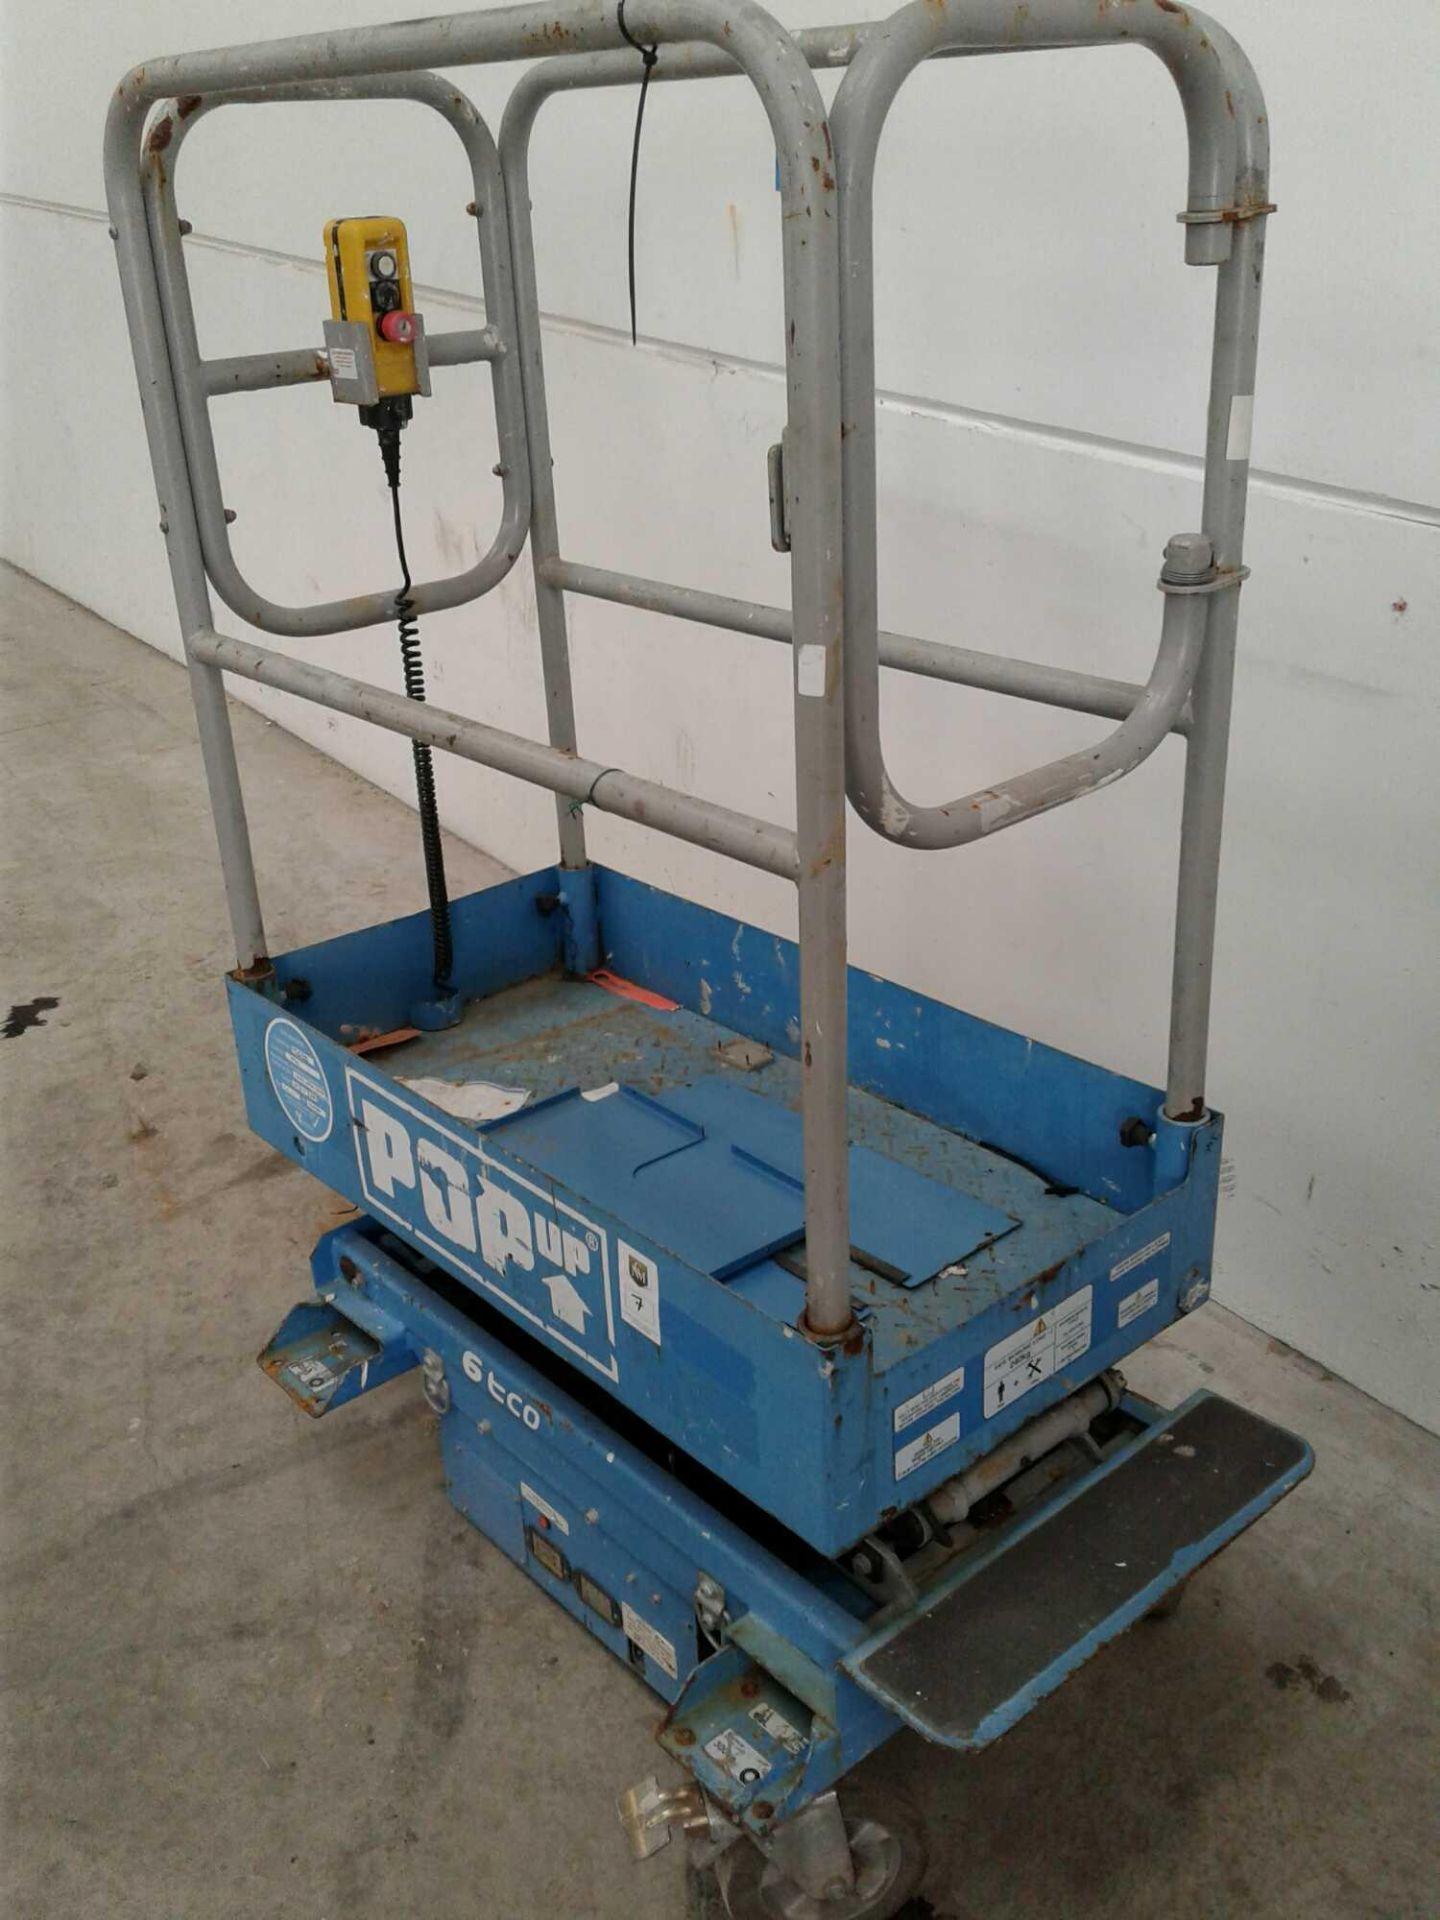 Lot 7 - Pop-up access platform 110 V